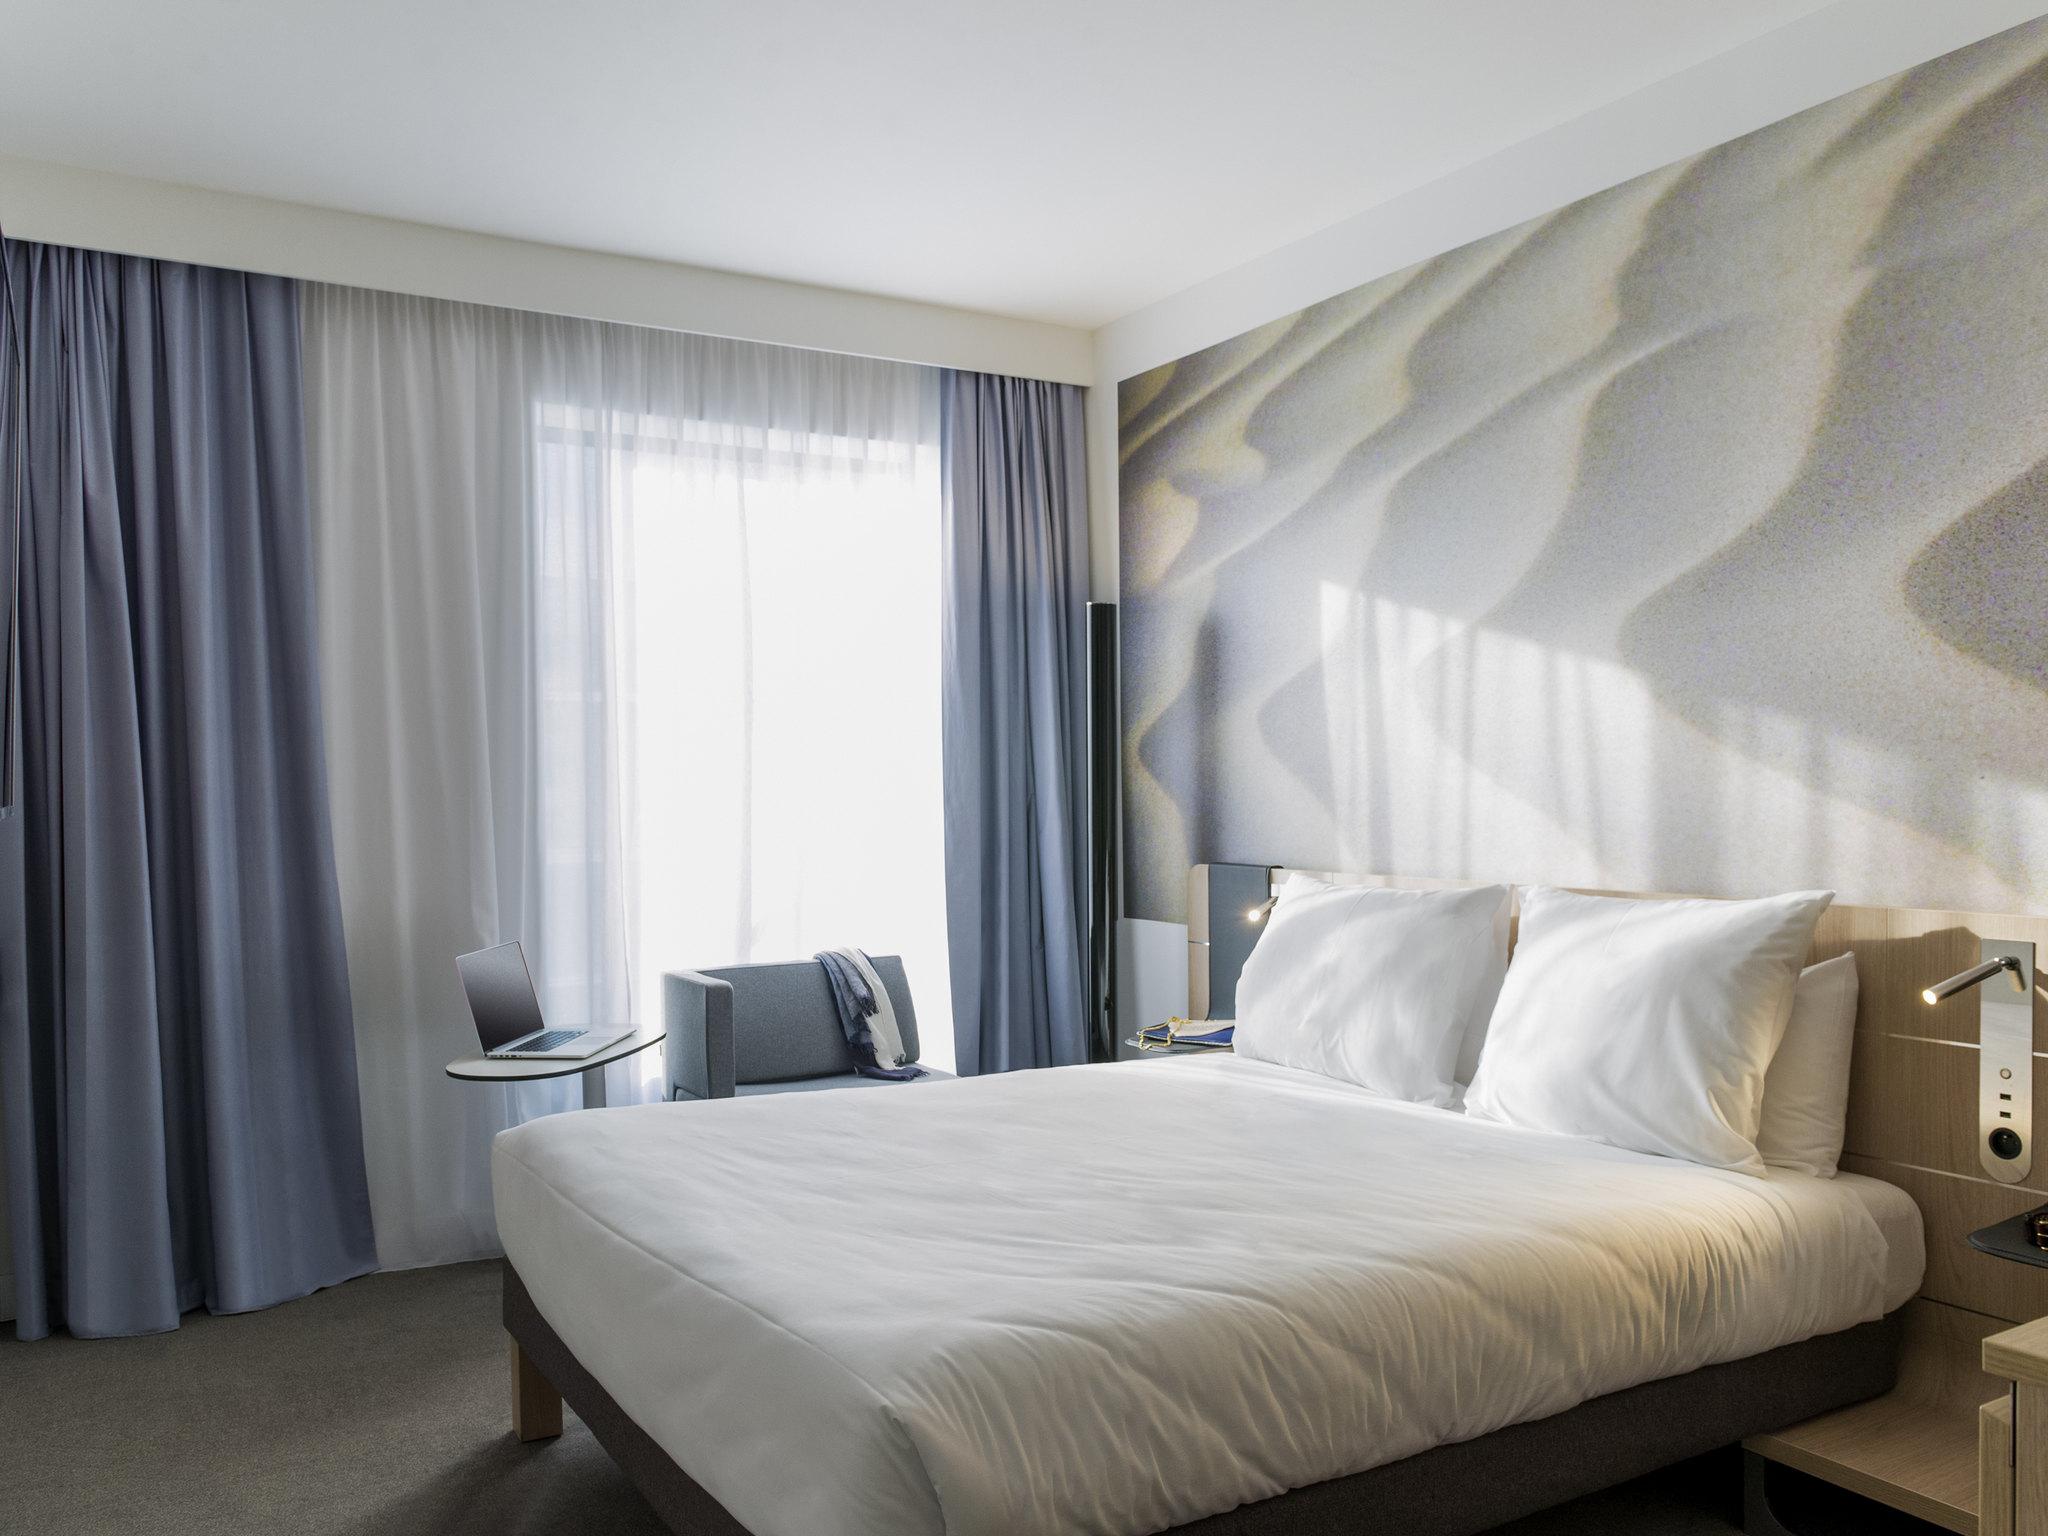 Hotel – Novotel Charleroi Centre